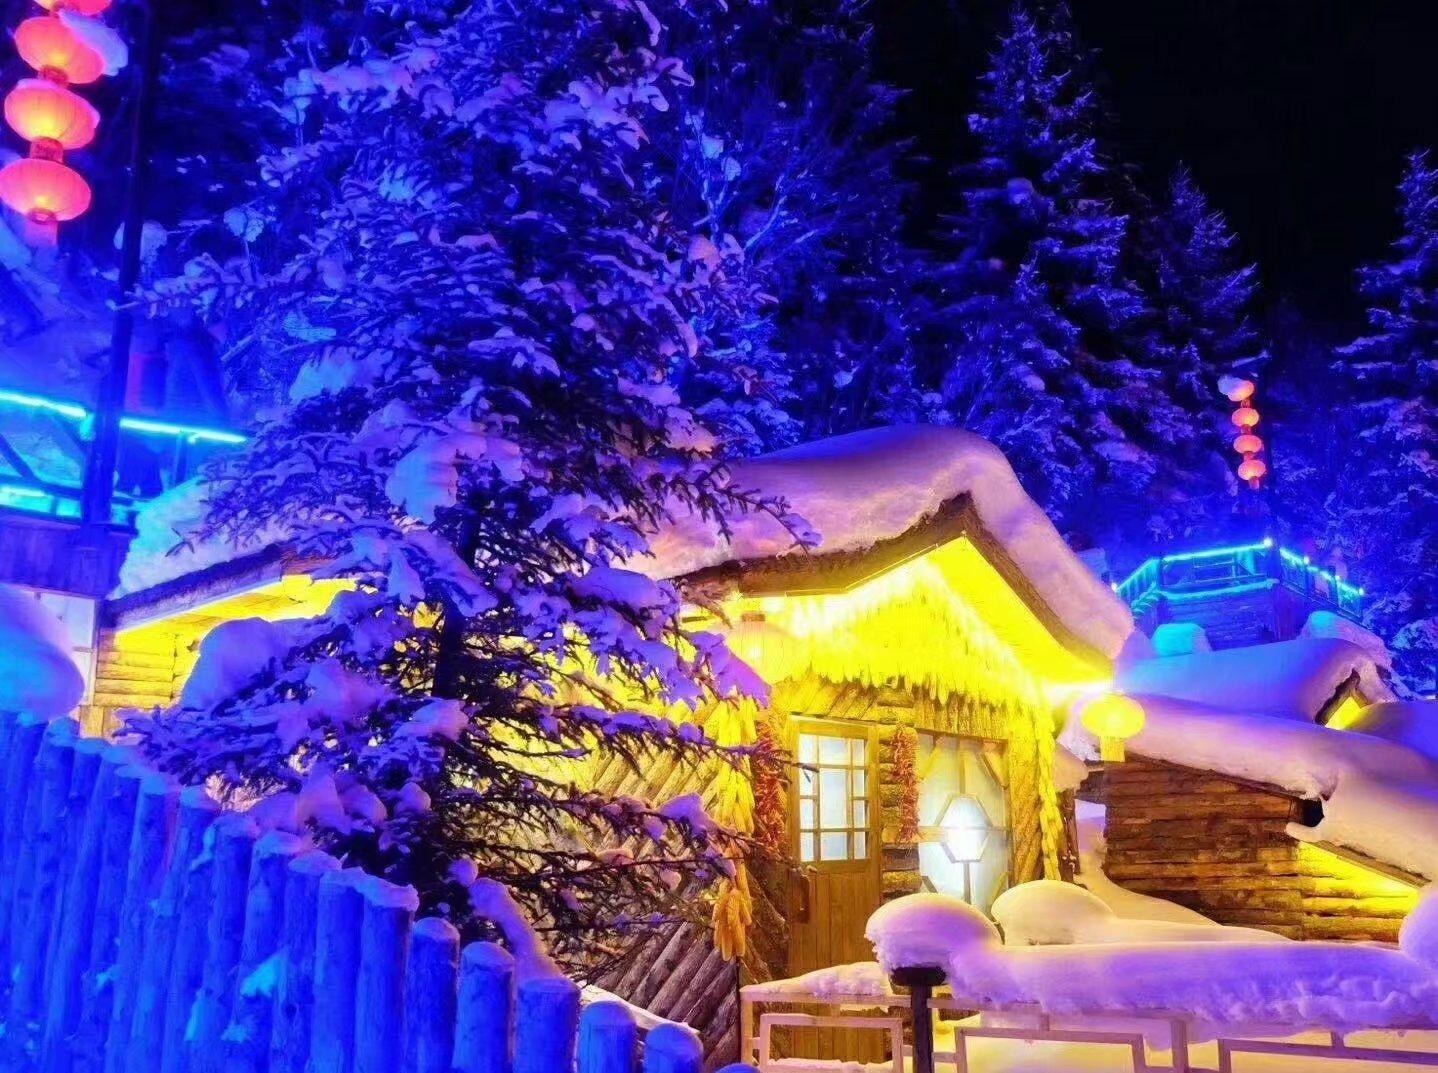 津途部落-东北雪乡-冰雪世界-寻找奇缘